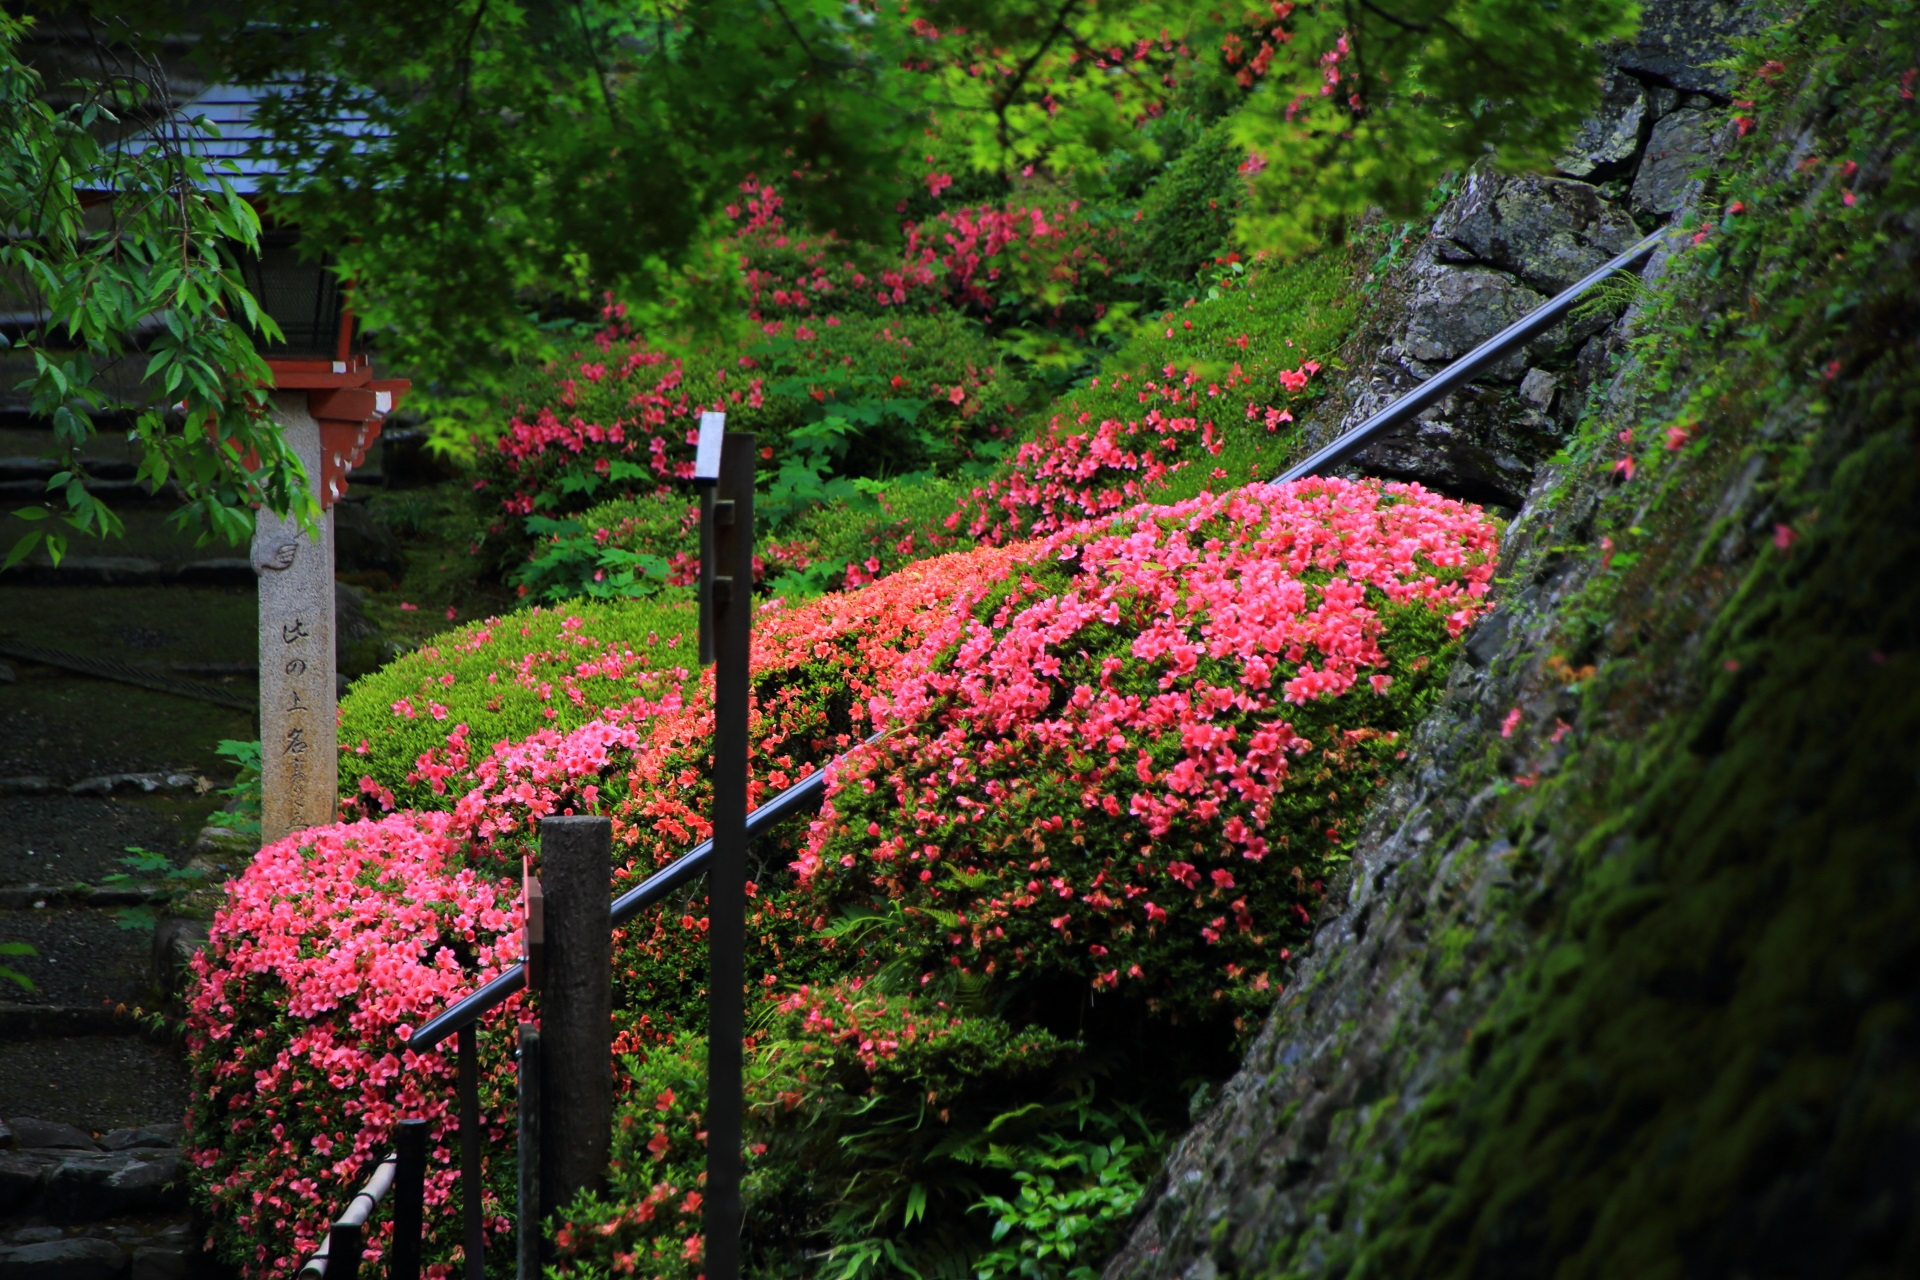 鐘楼堂(つりがね堂)前から眺めた遊龍の松の下のサツキと緑